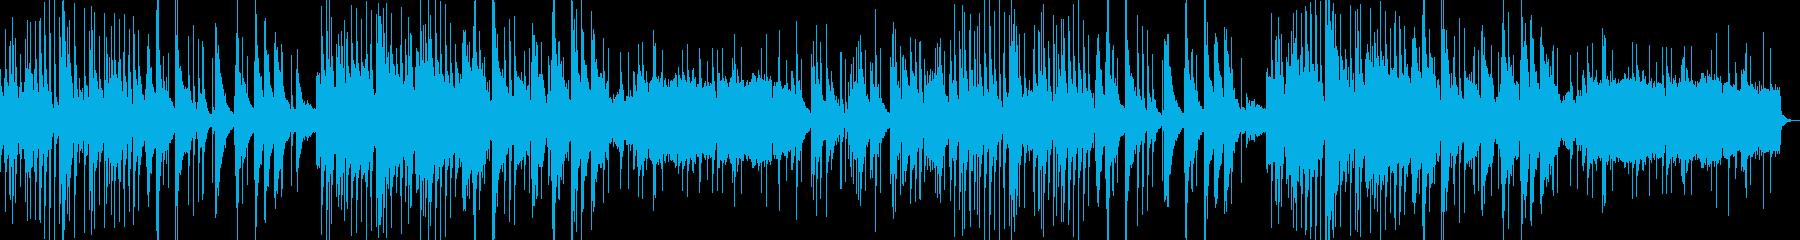 琴と和楽器 少し切ない和風BGMの再生済みの波形